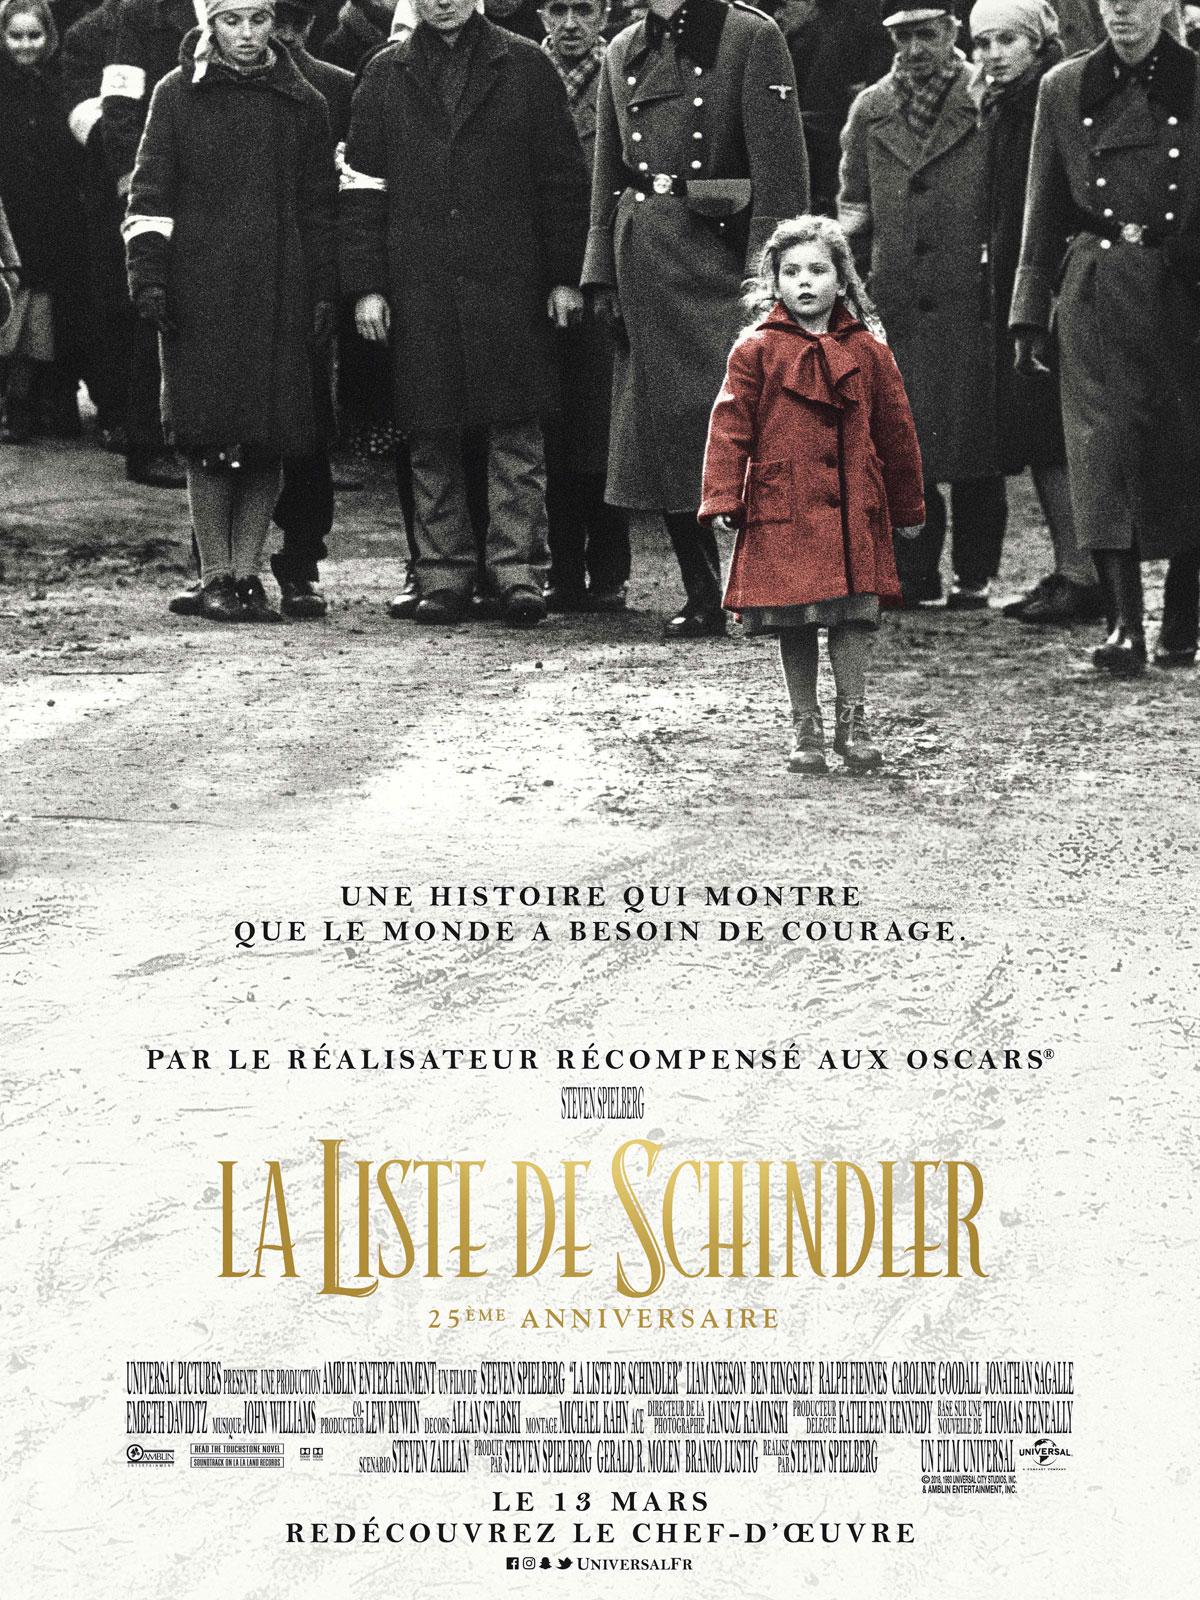 Anecdotes Du Film La Liste De Schindler - Allociné à Chanson Dans Son Manteau Rouge Et Blanc